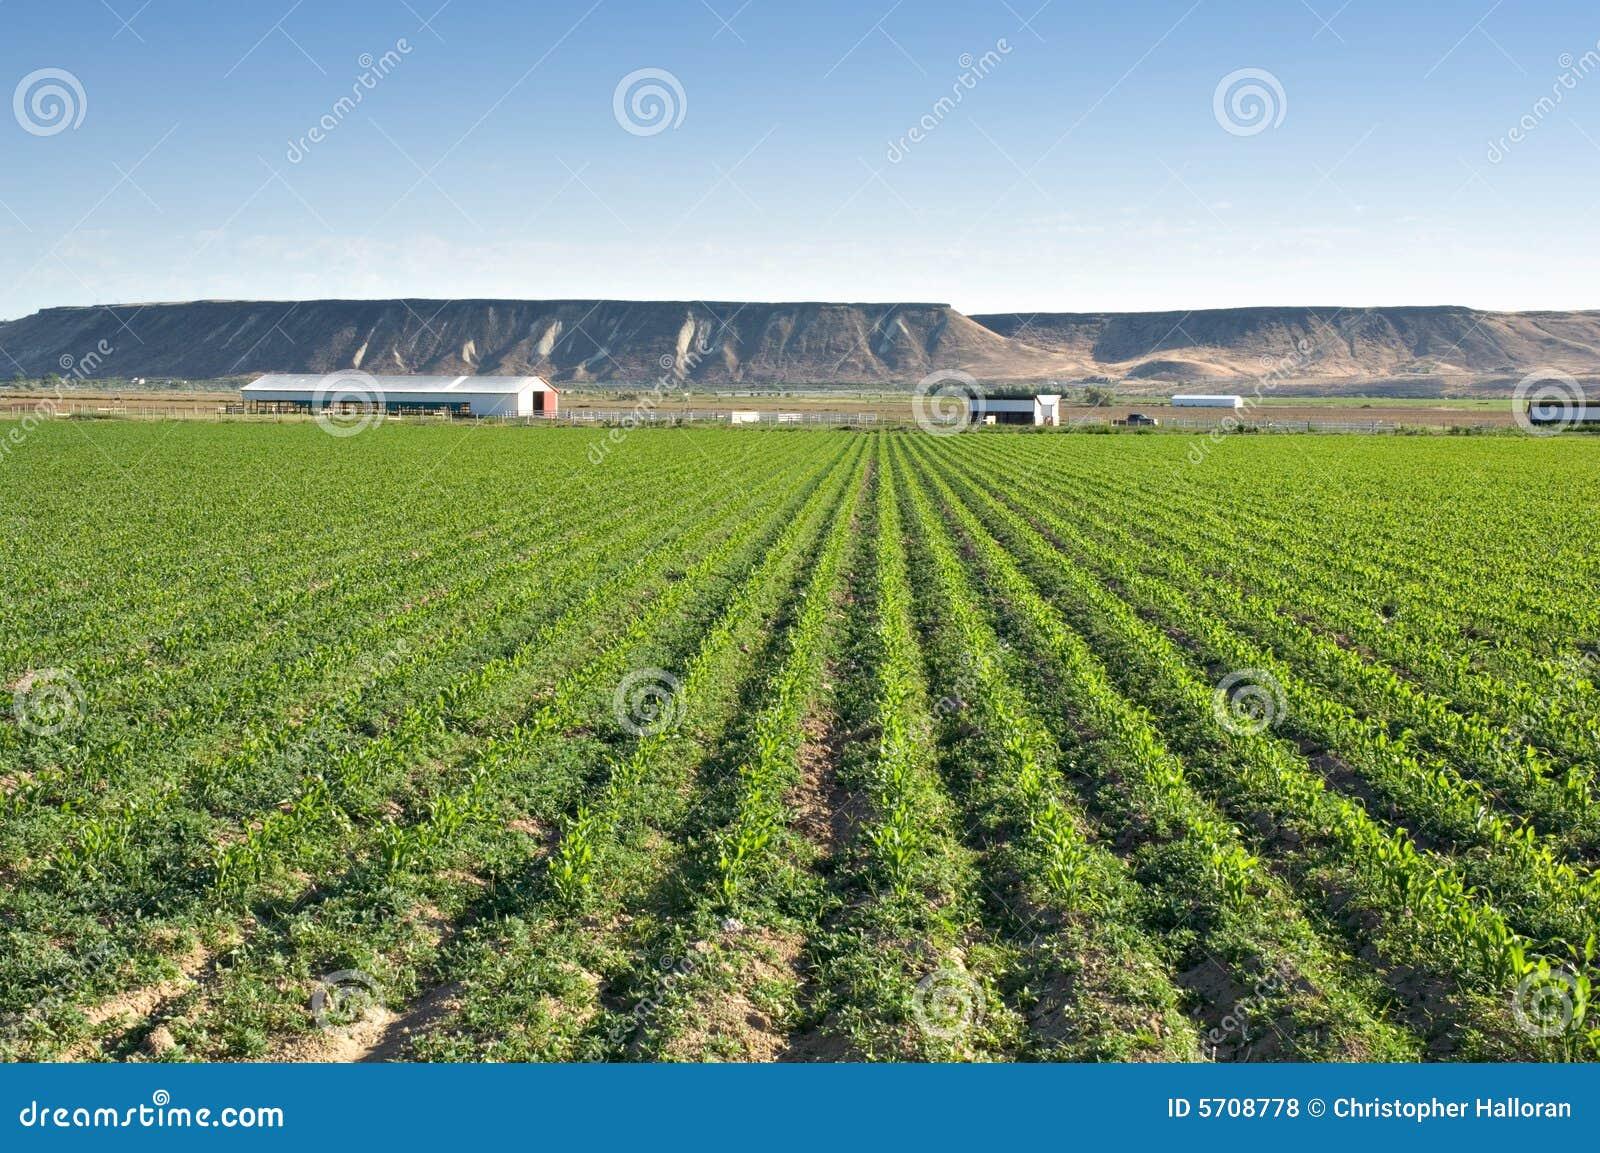 Lush green farmland